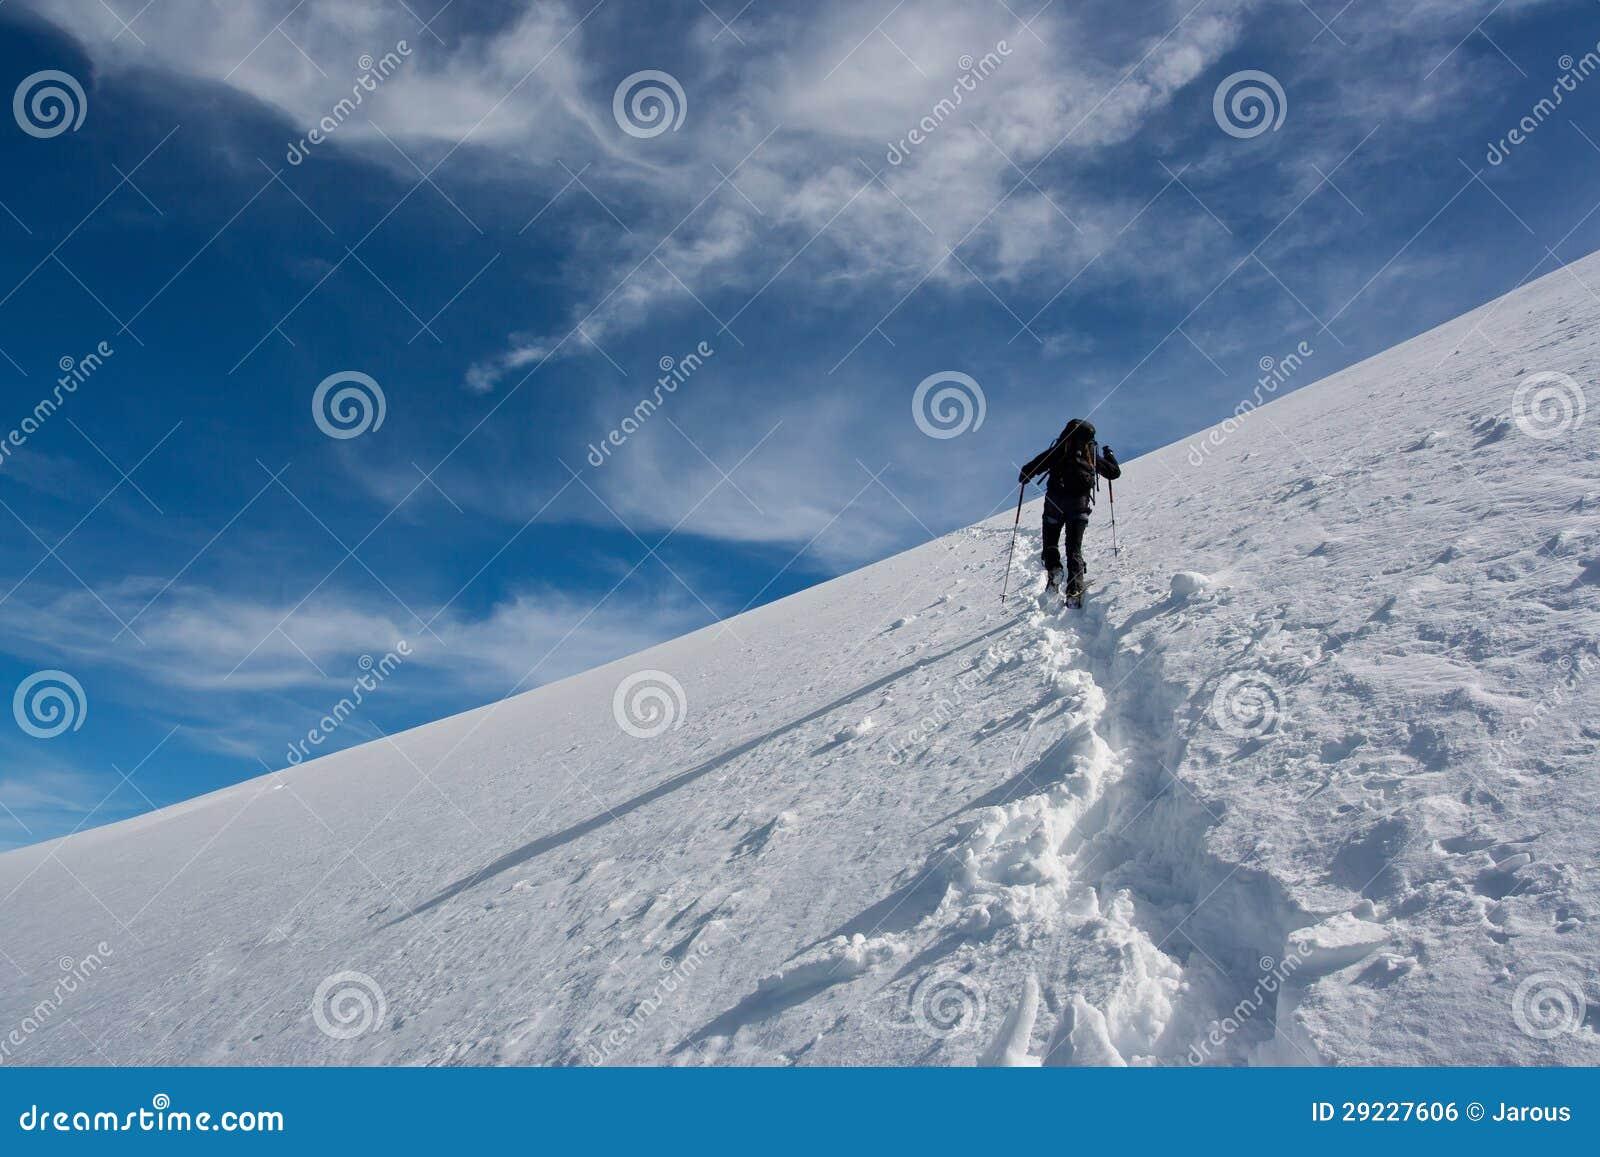 Download Alpinismo foto de stock. Imagem de gorge, outdoor, climber - 29227606